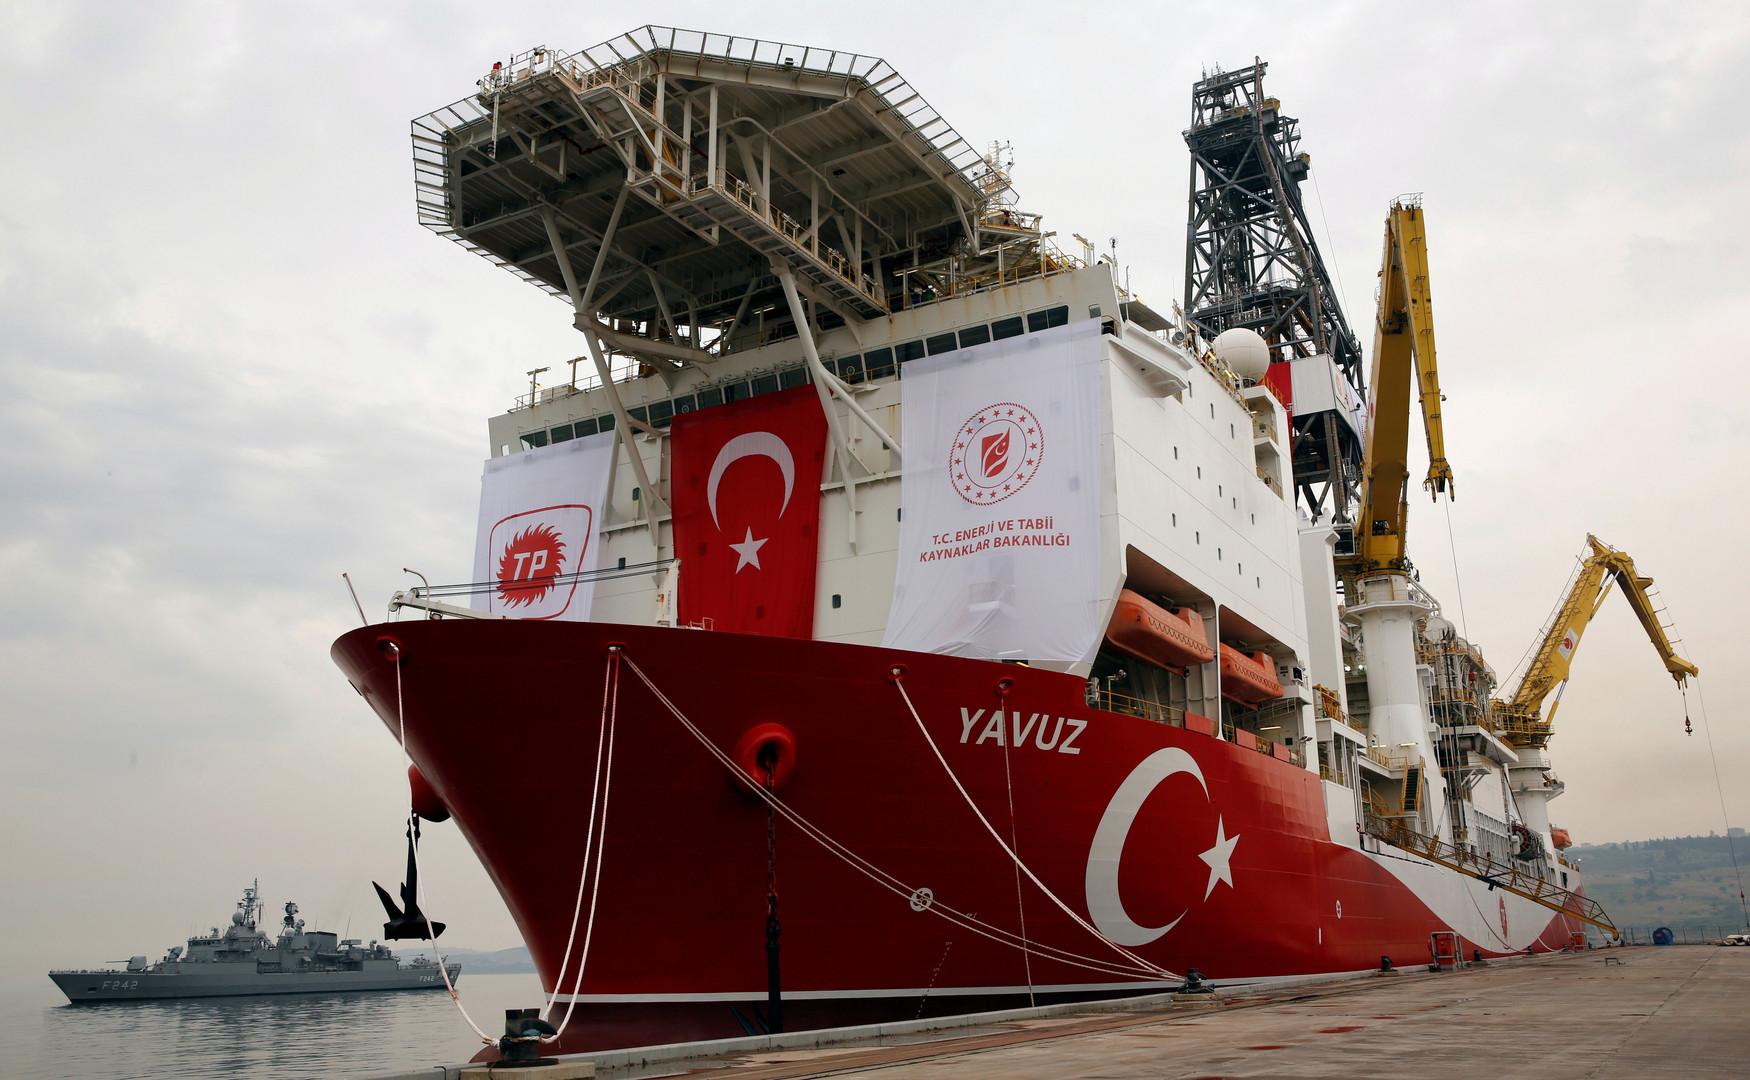 أنقرة تتوعد قبرص اليونانية بمواصلة التنقيب قبالة سواحلها إذ رفضت مبادرة جارتها التركية